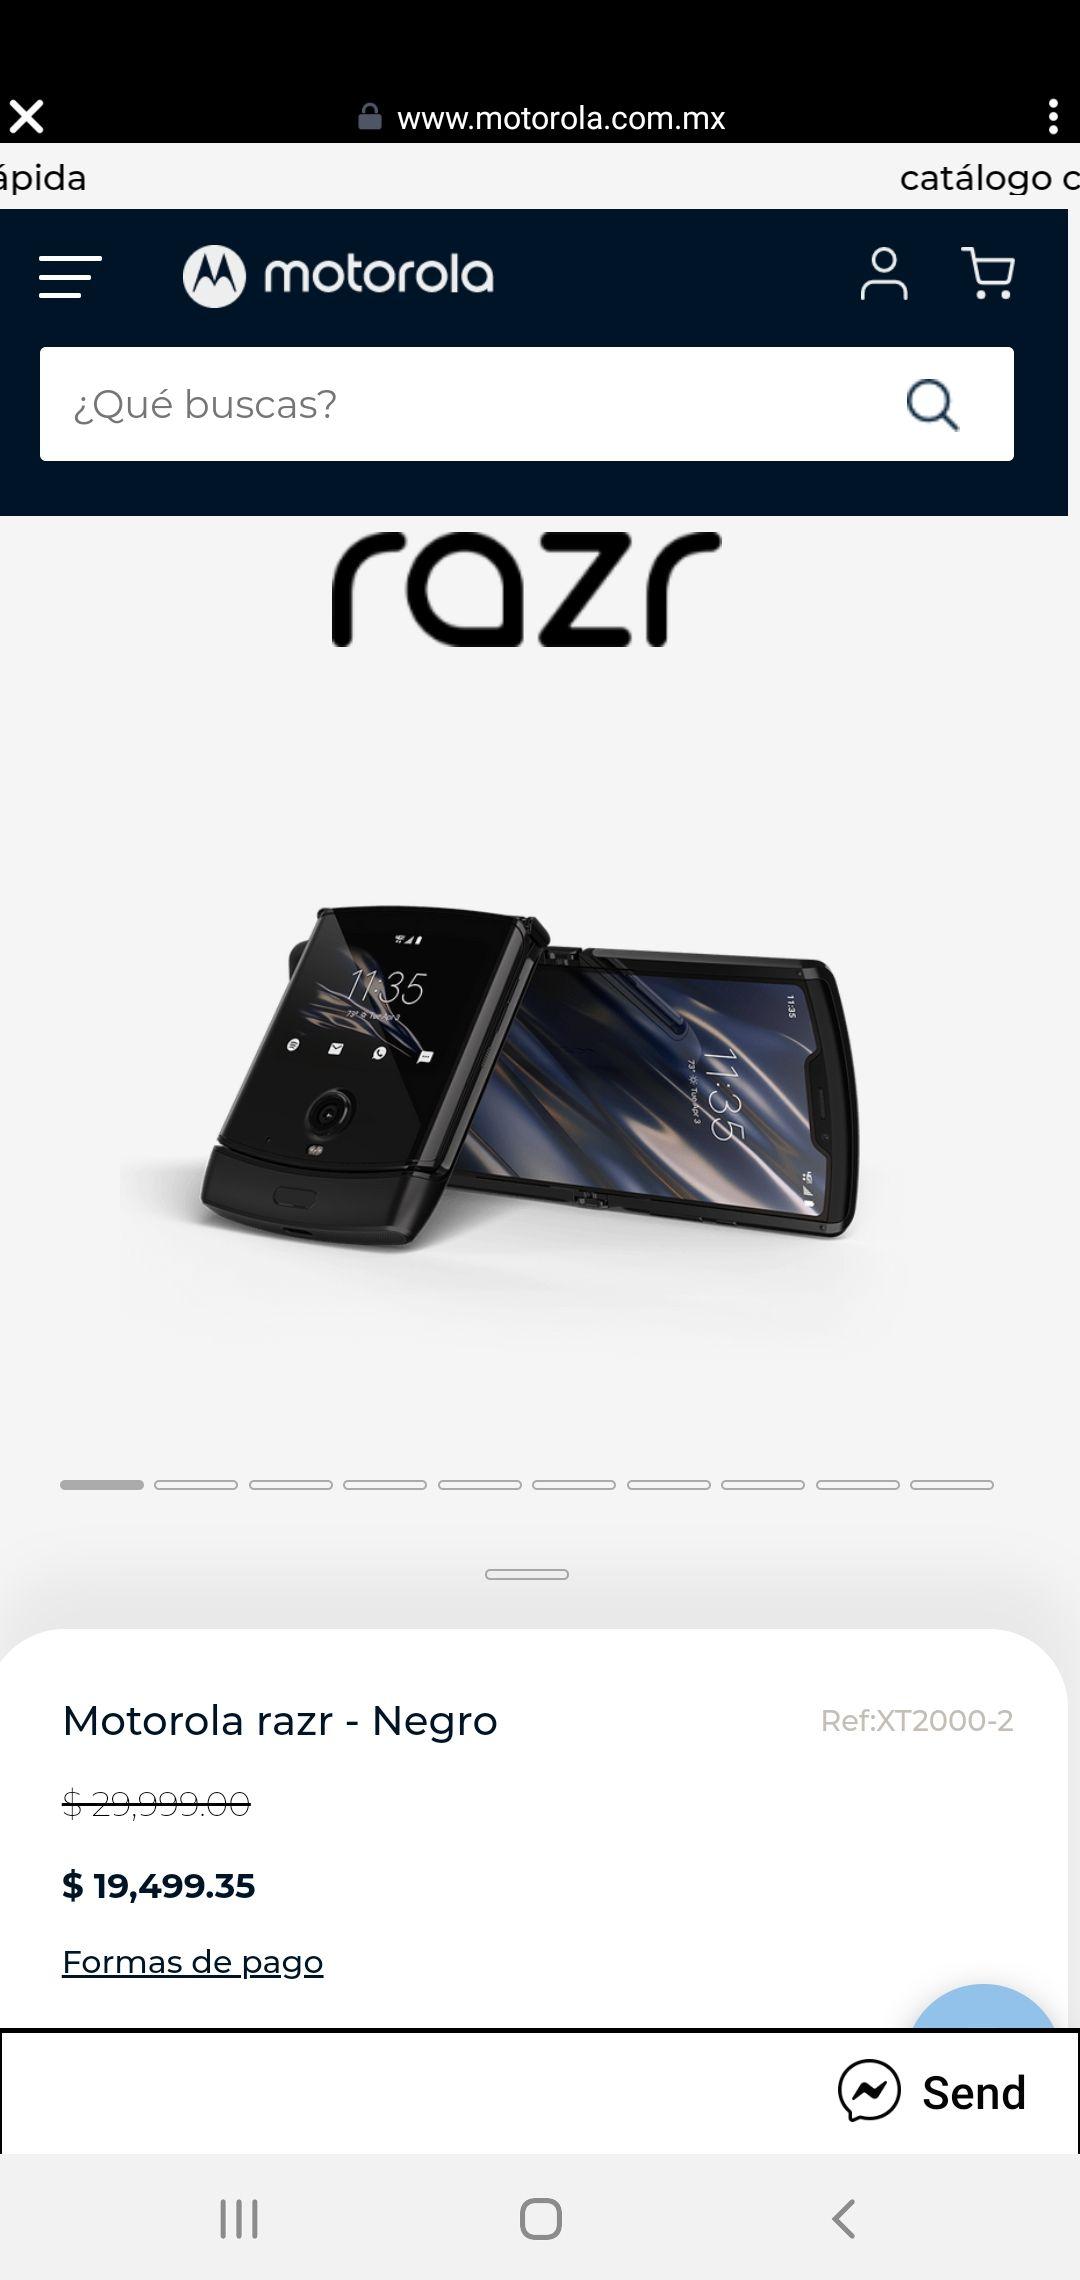 Motorola: Celular Motorola razr - Negro de 128 GB